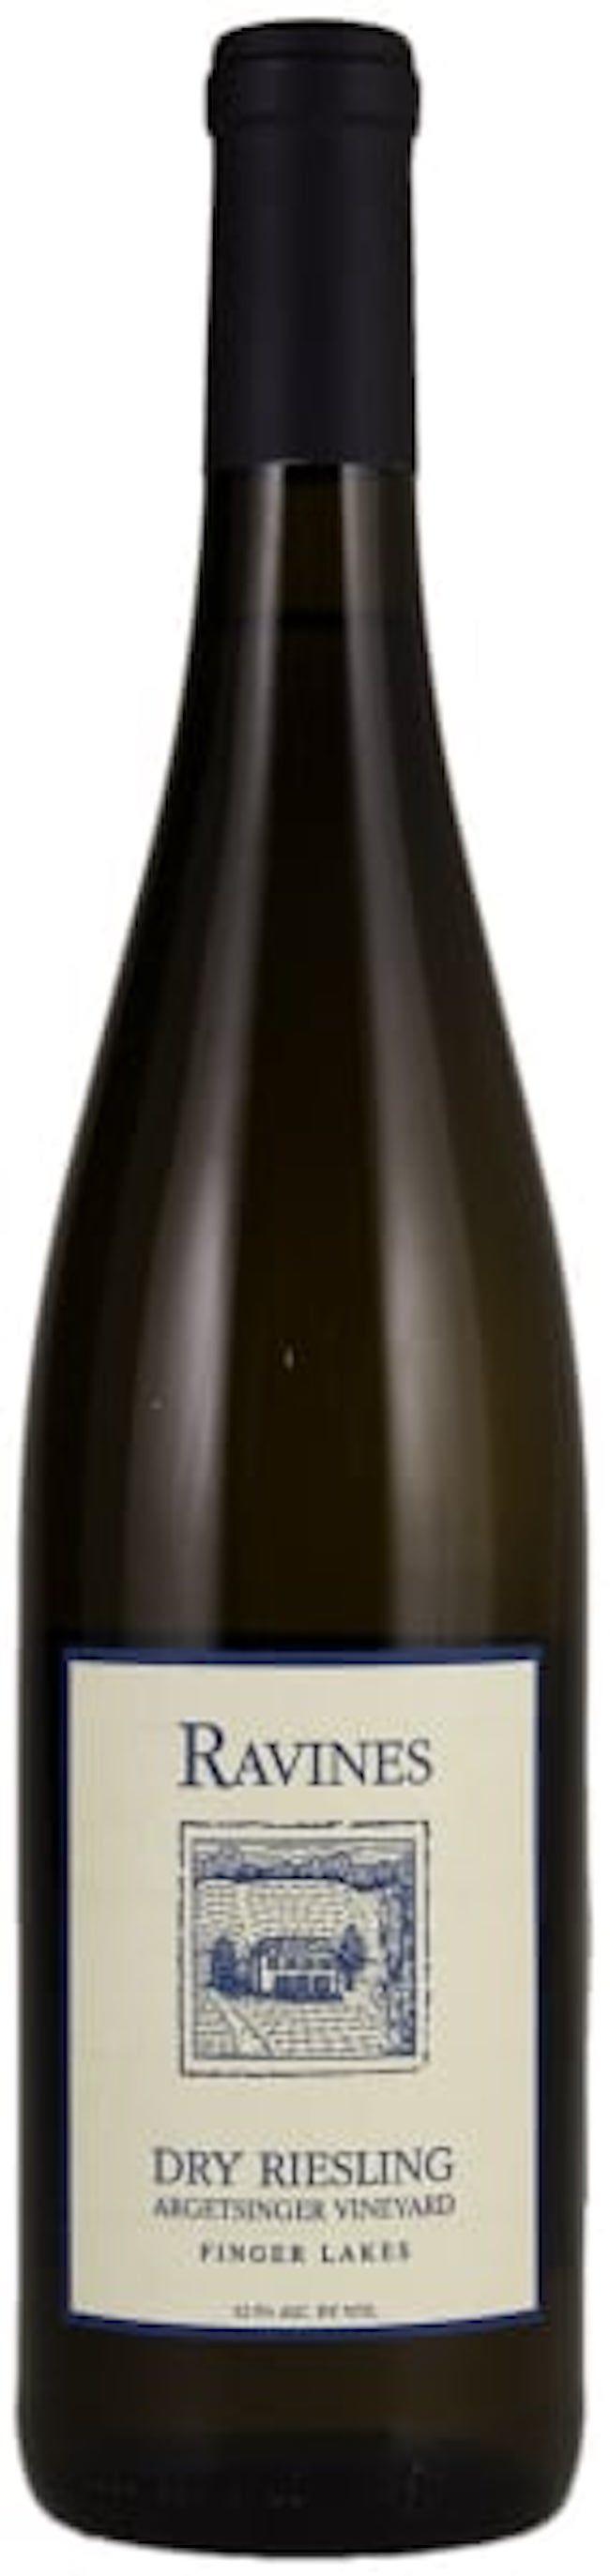 Ravines Argetsinger Vineyard Dry Riesling